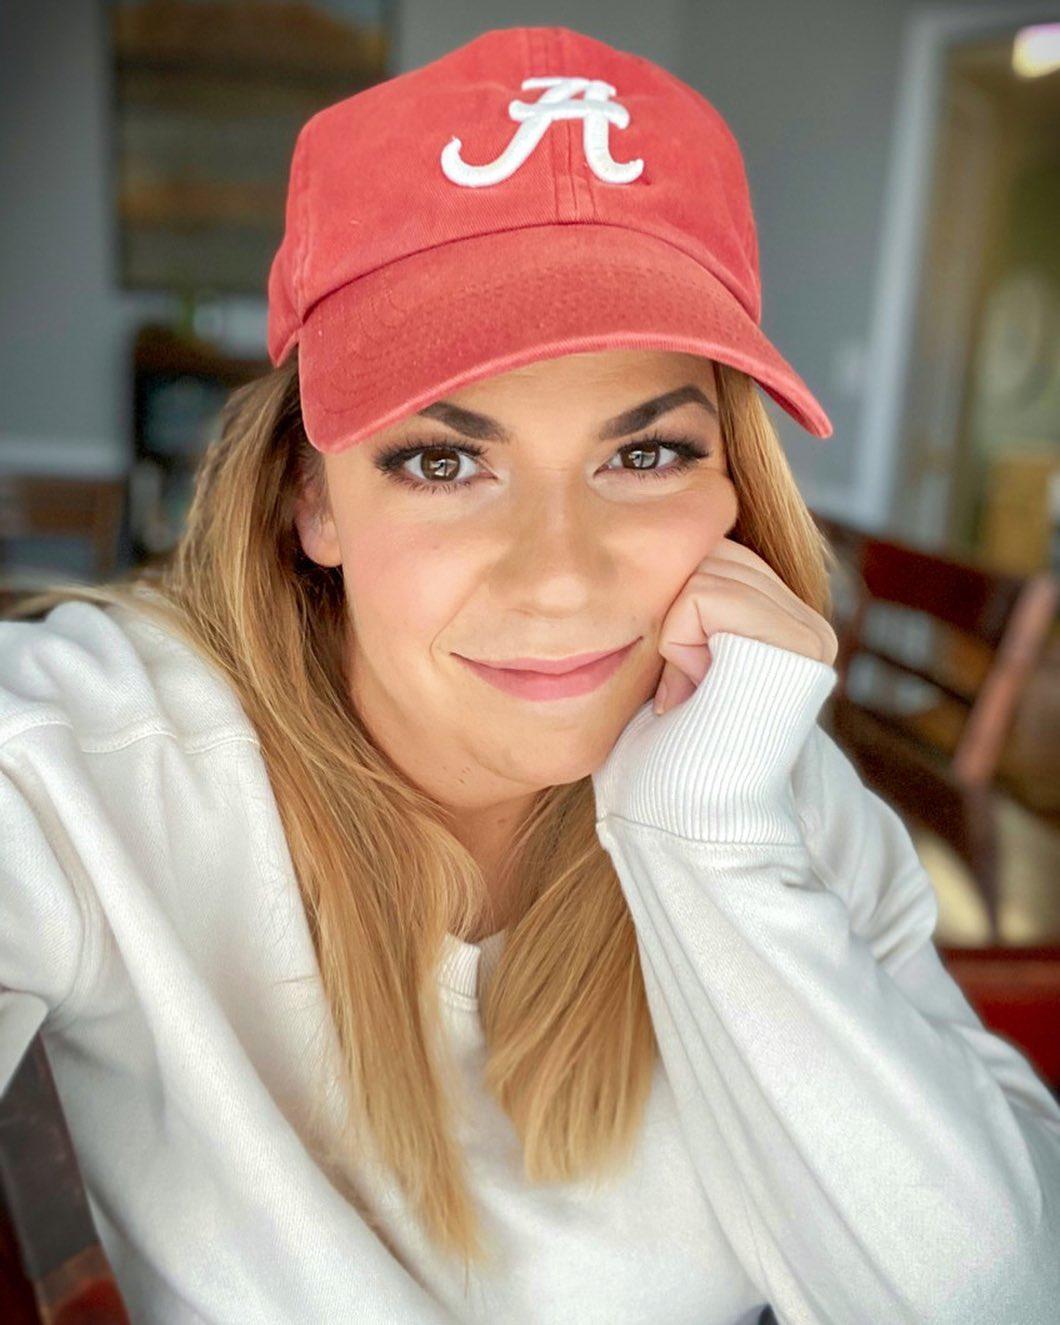 Samantha Stanford